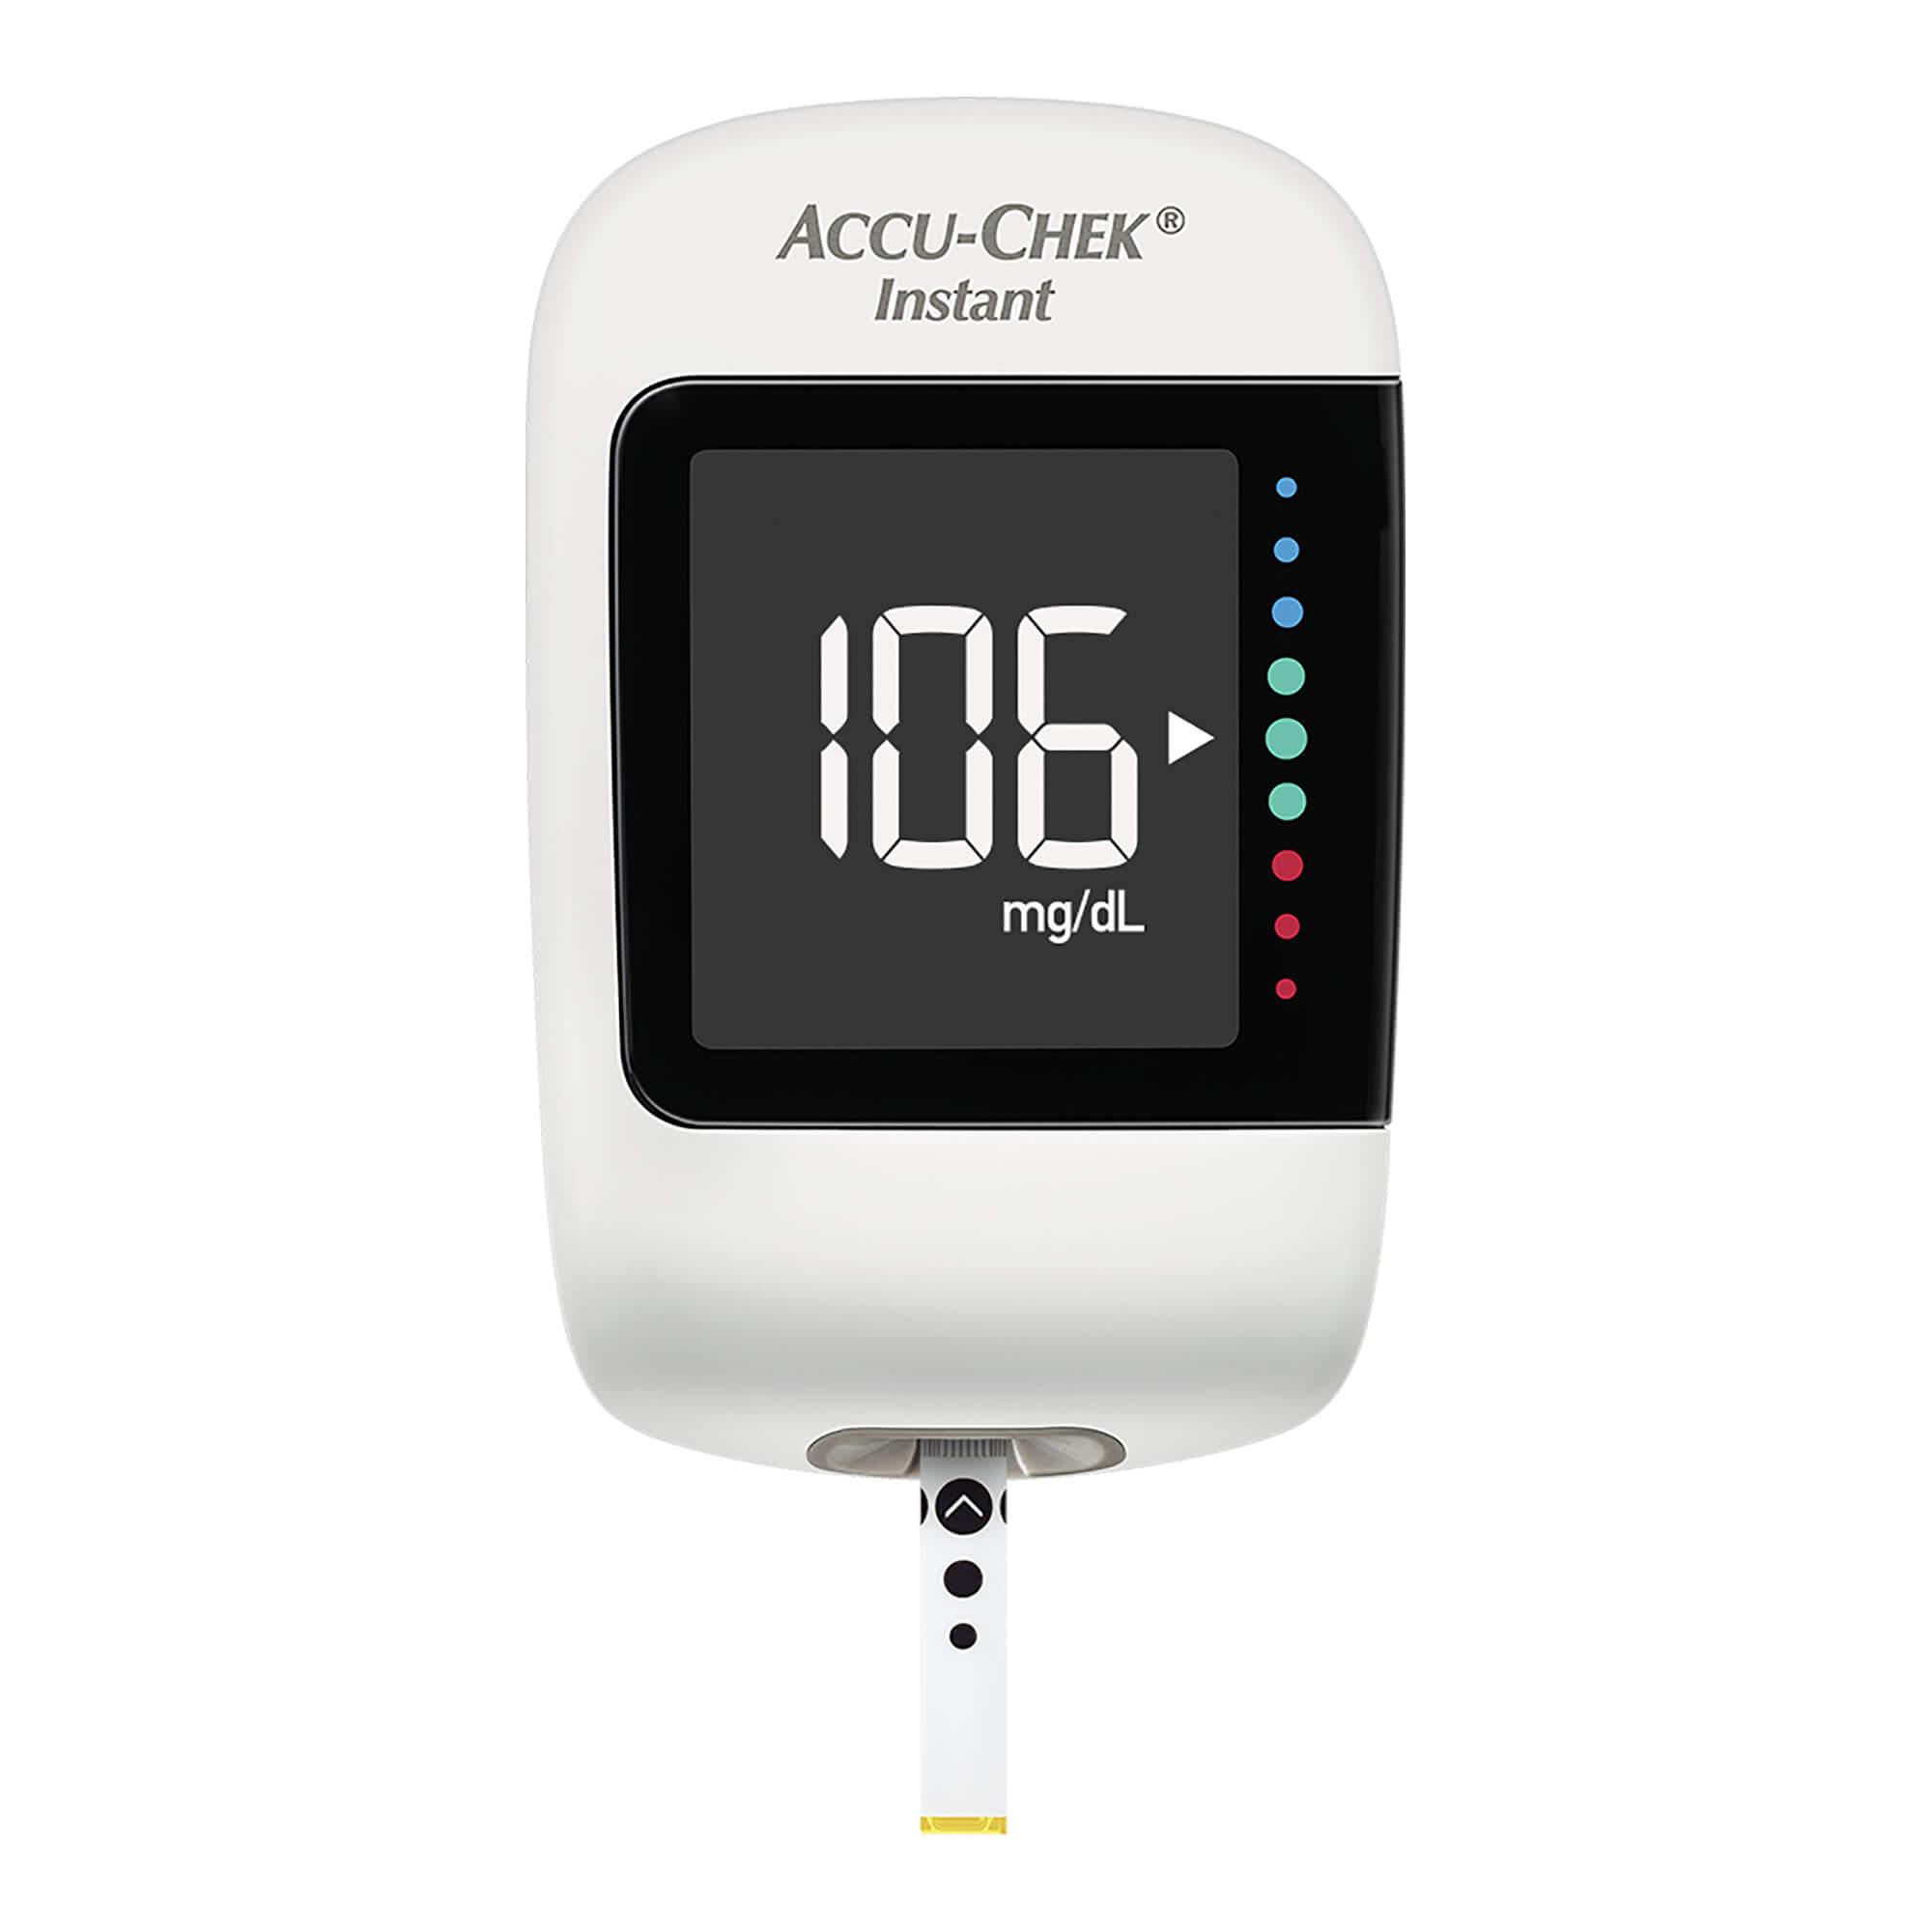 Accu-Chek Instant Set mg/dl